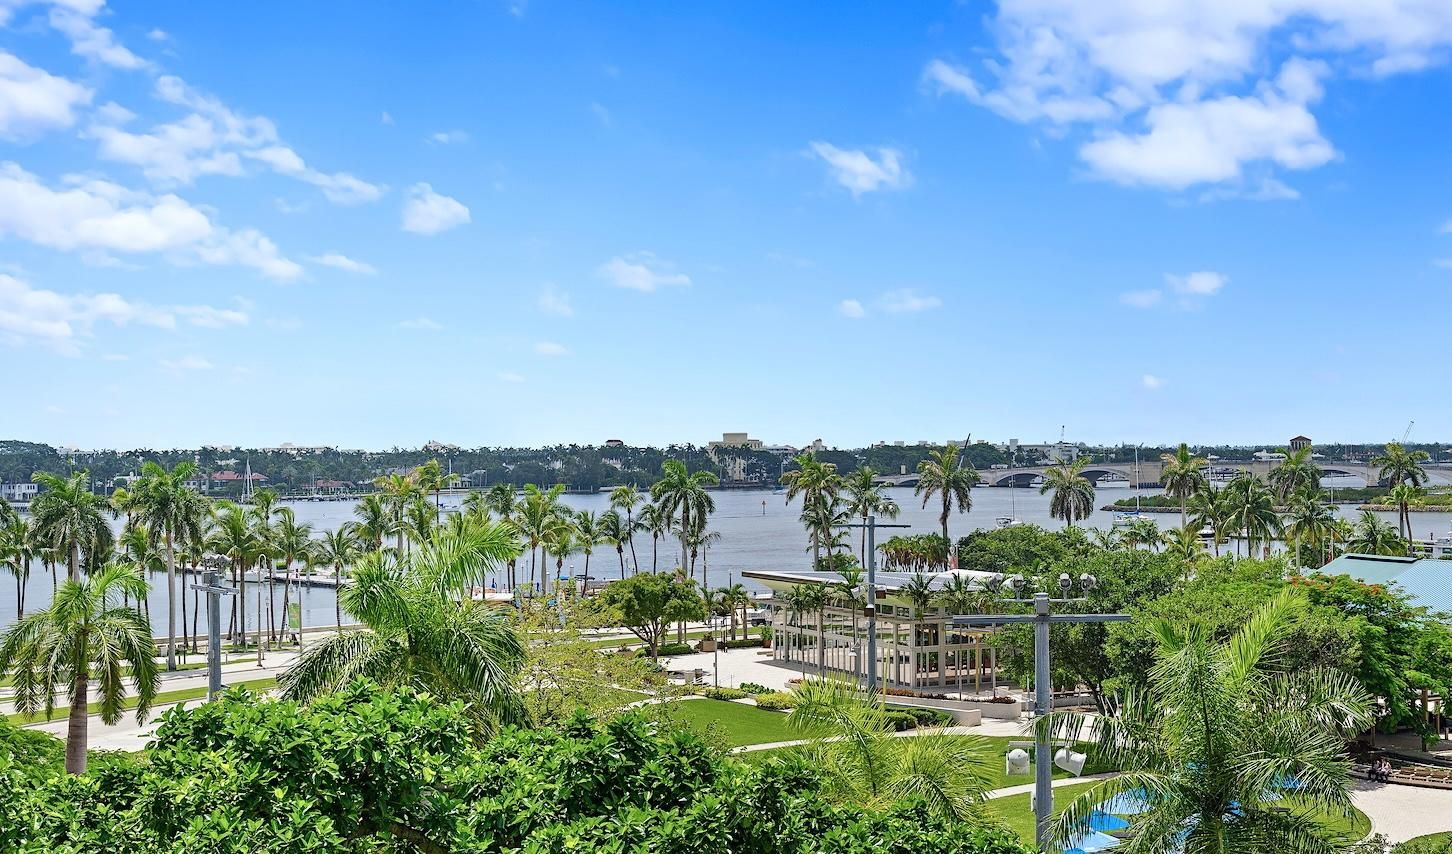 Waterfront - SE View